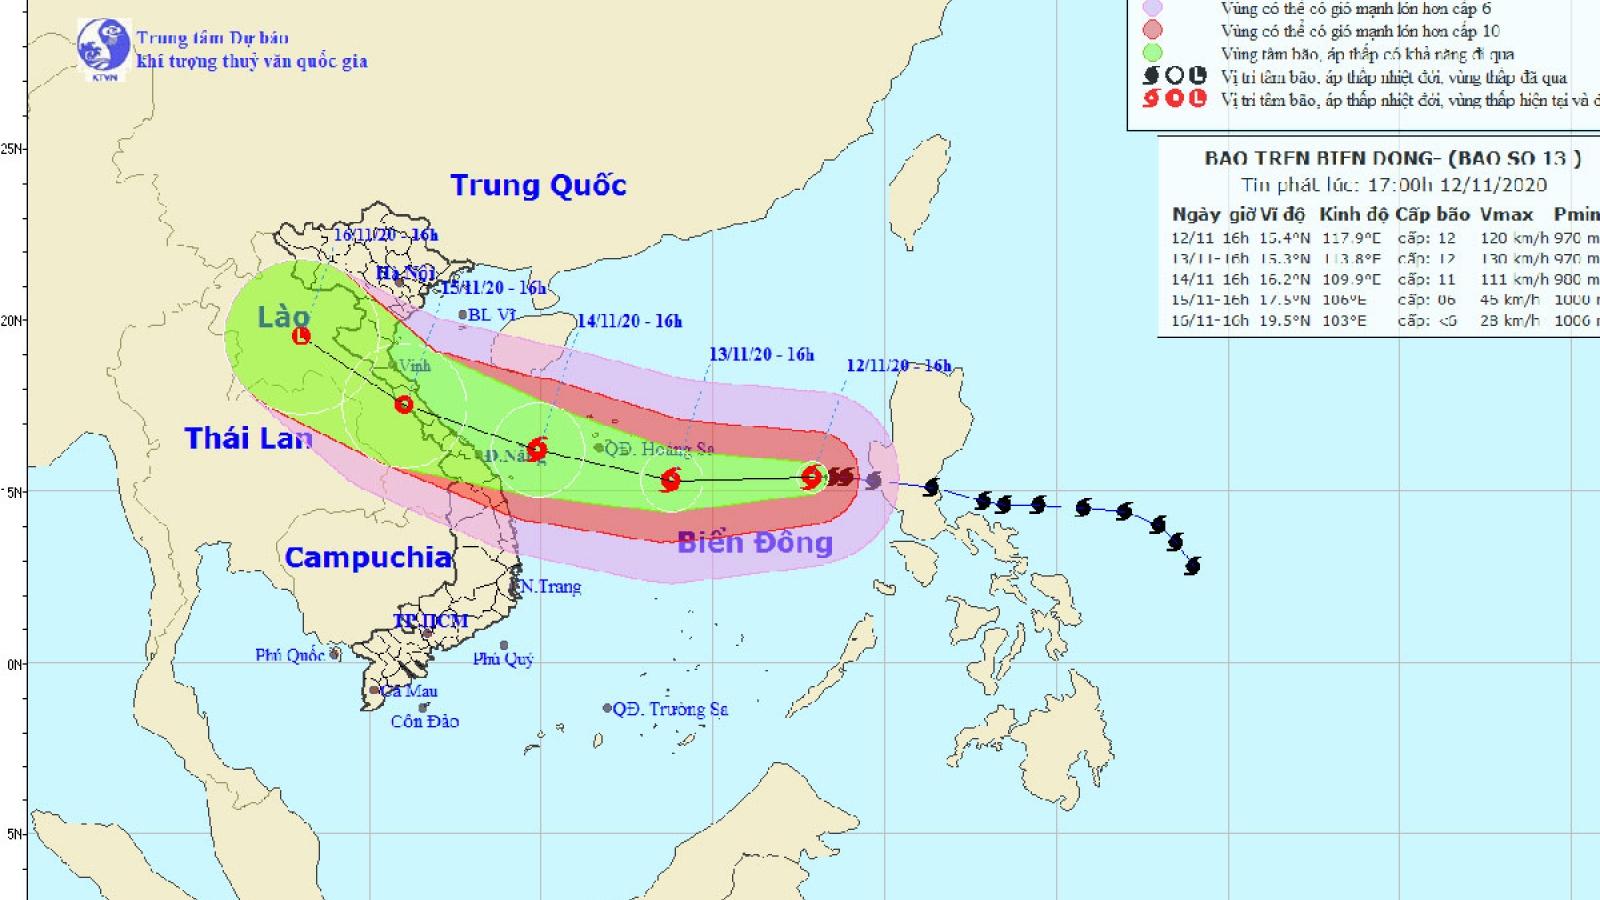 Bão số 13 cách quần đảo Hoàng Sa 640 km, sức gió mạnh cấp 12